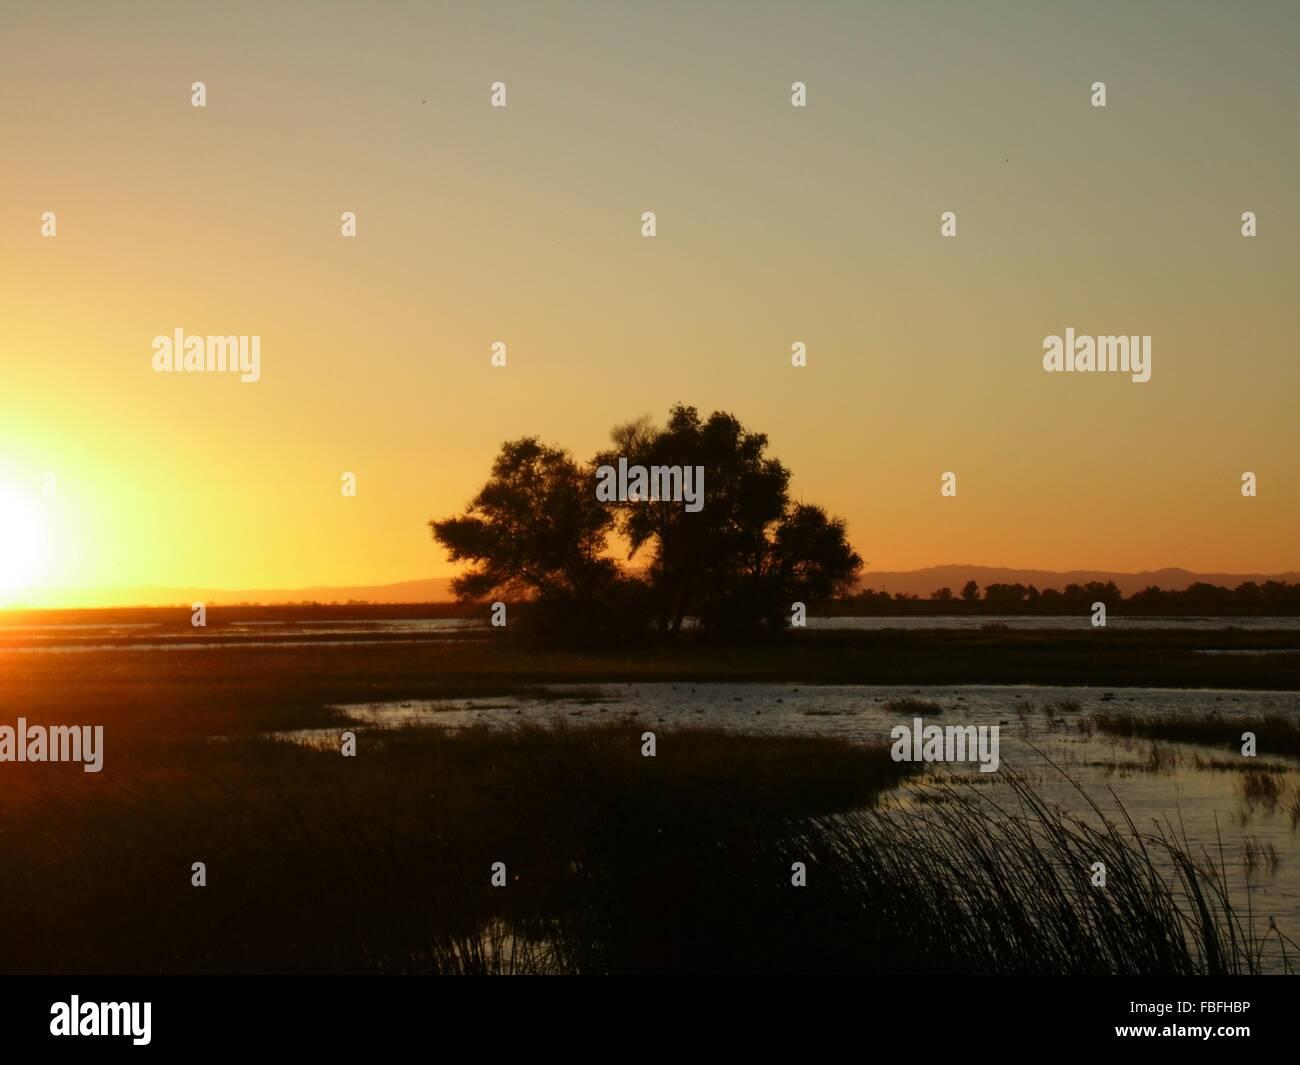 Bäume auf auffangene gegen Sonnenuntergang Himmel Stockbild